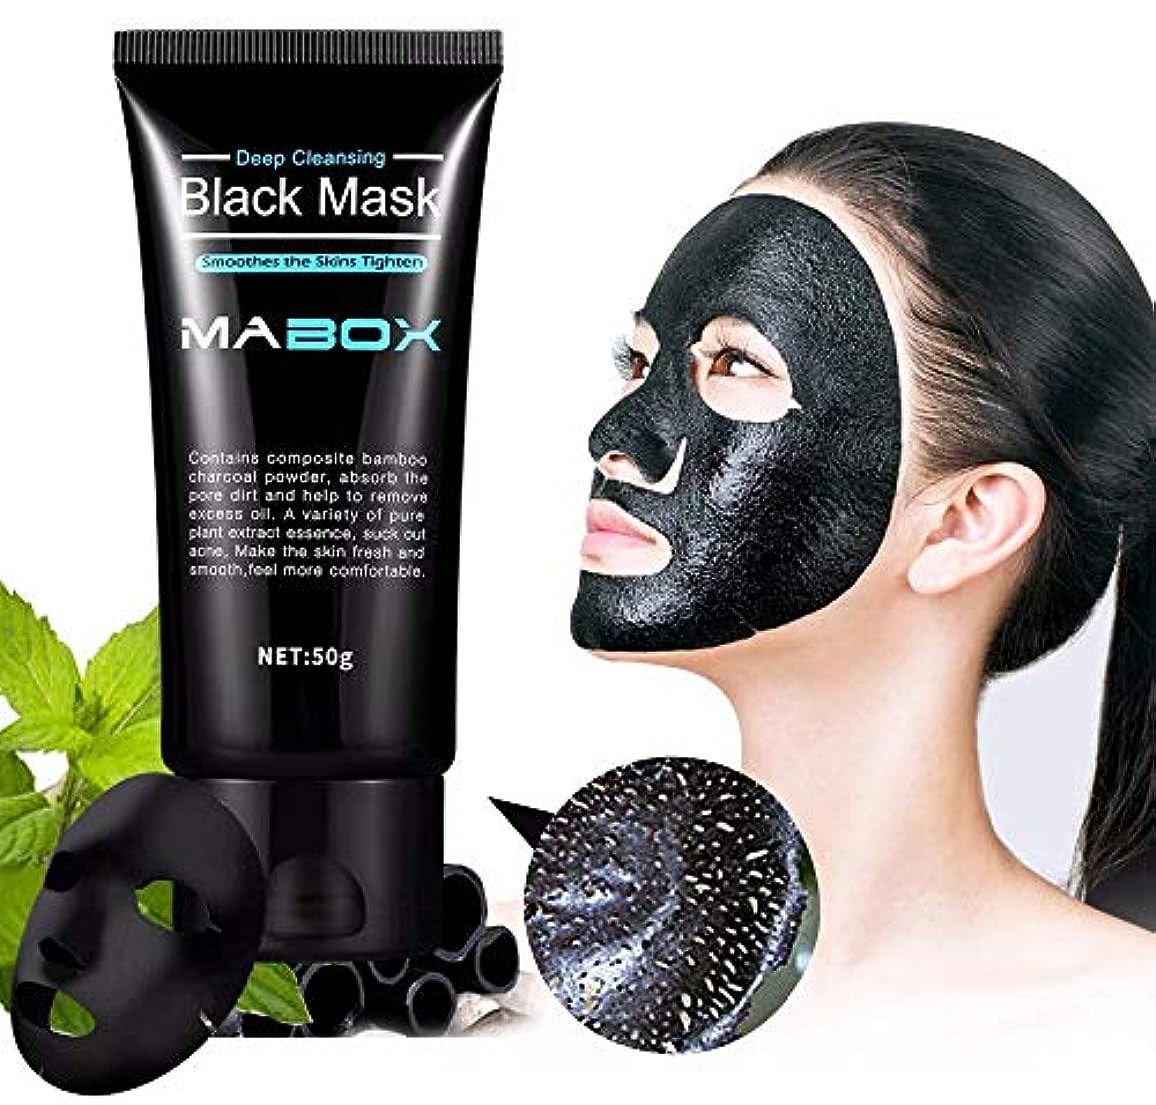 砲兵ツイン艶Mabox Black Mask Peel Off Bamboo Charcoal Purifying Blackhead Remover Mask Deep Cleansing for AcneScars Blemishes...